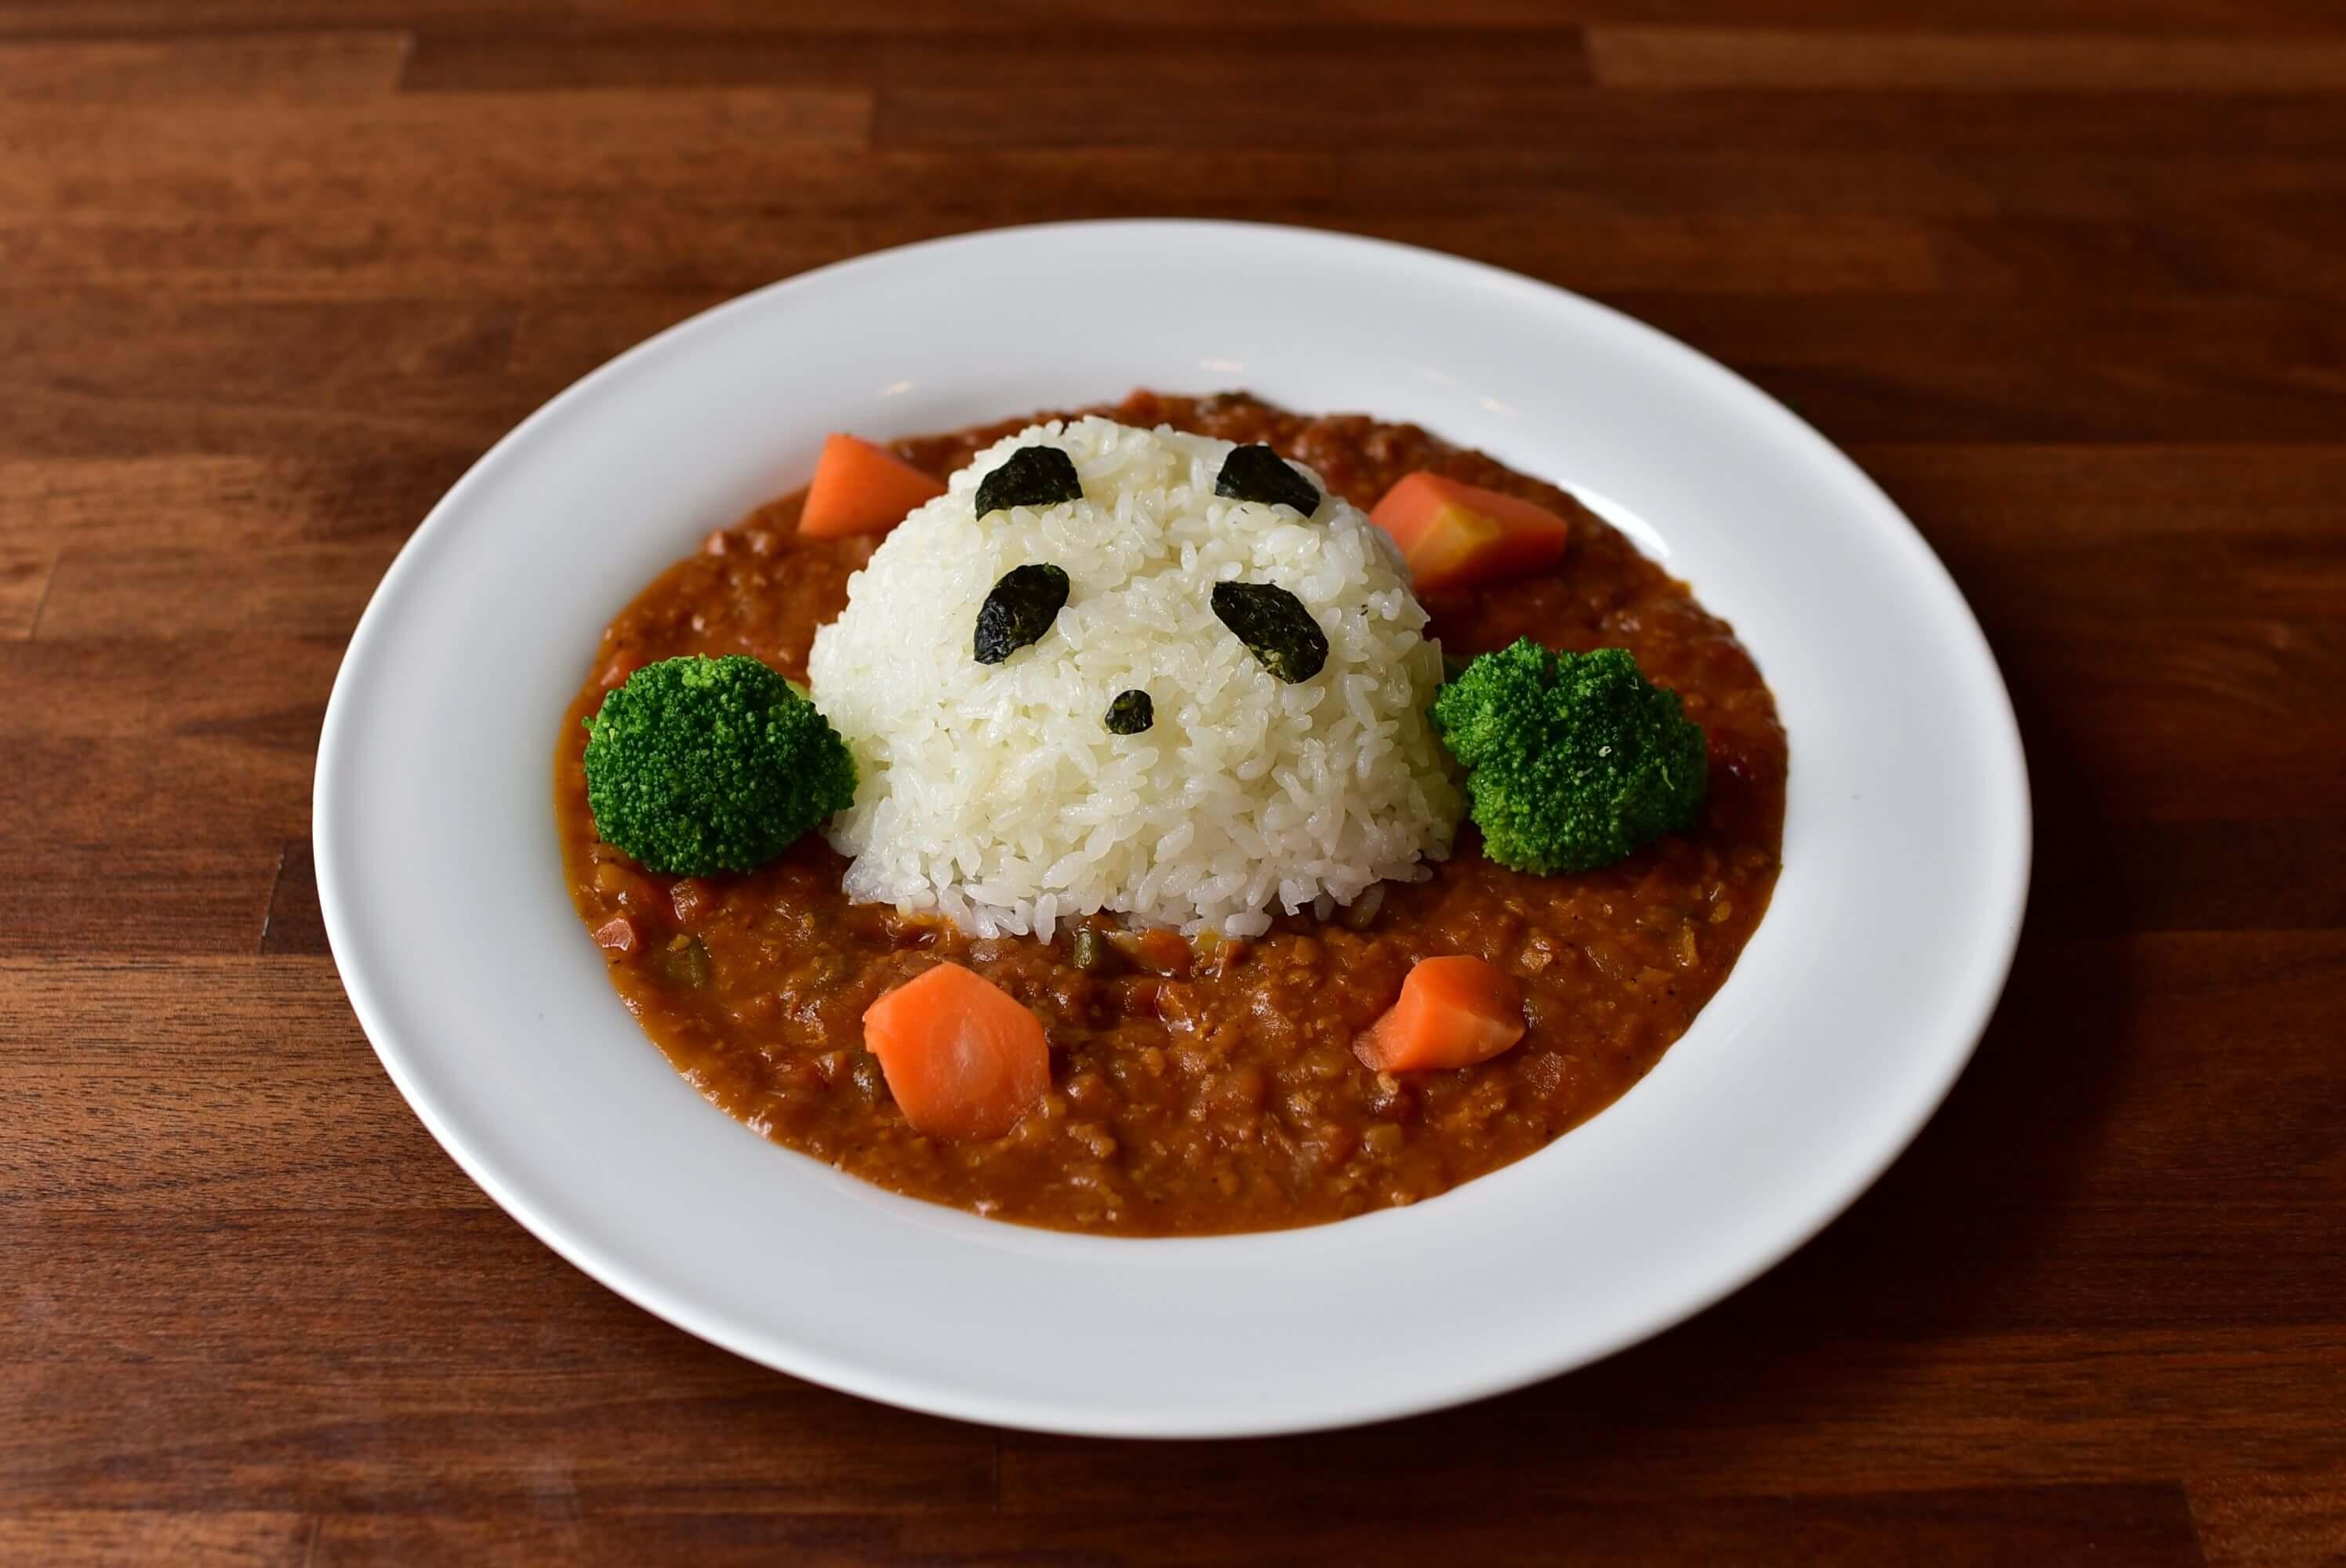 淺草人氣店家「淺草GRILL BURG」和「熊貓CAFE」開設合作餐廳! 咖啡廳、淺草、